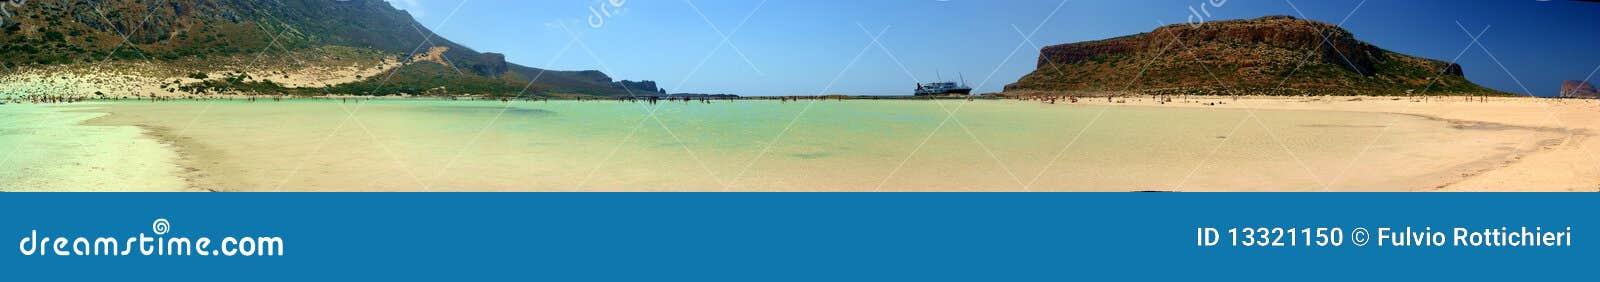 Laguna de las playas